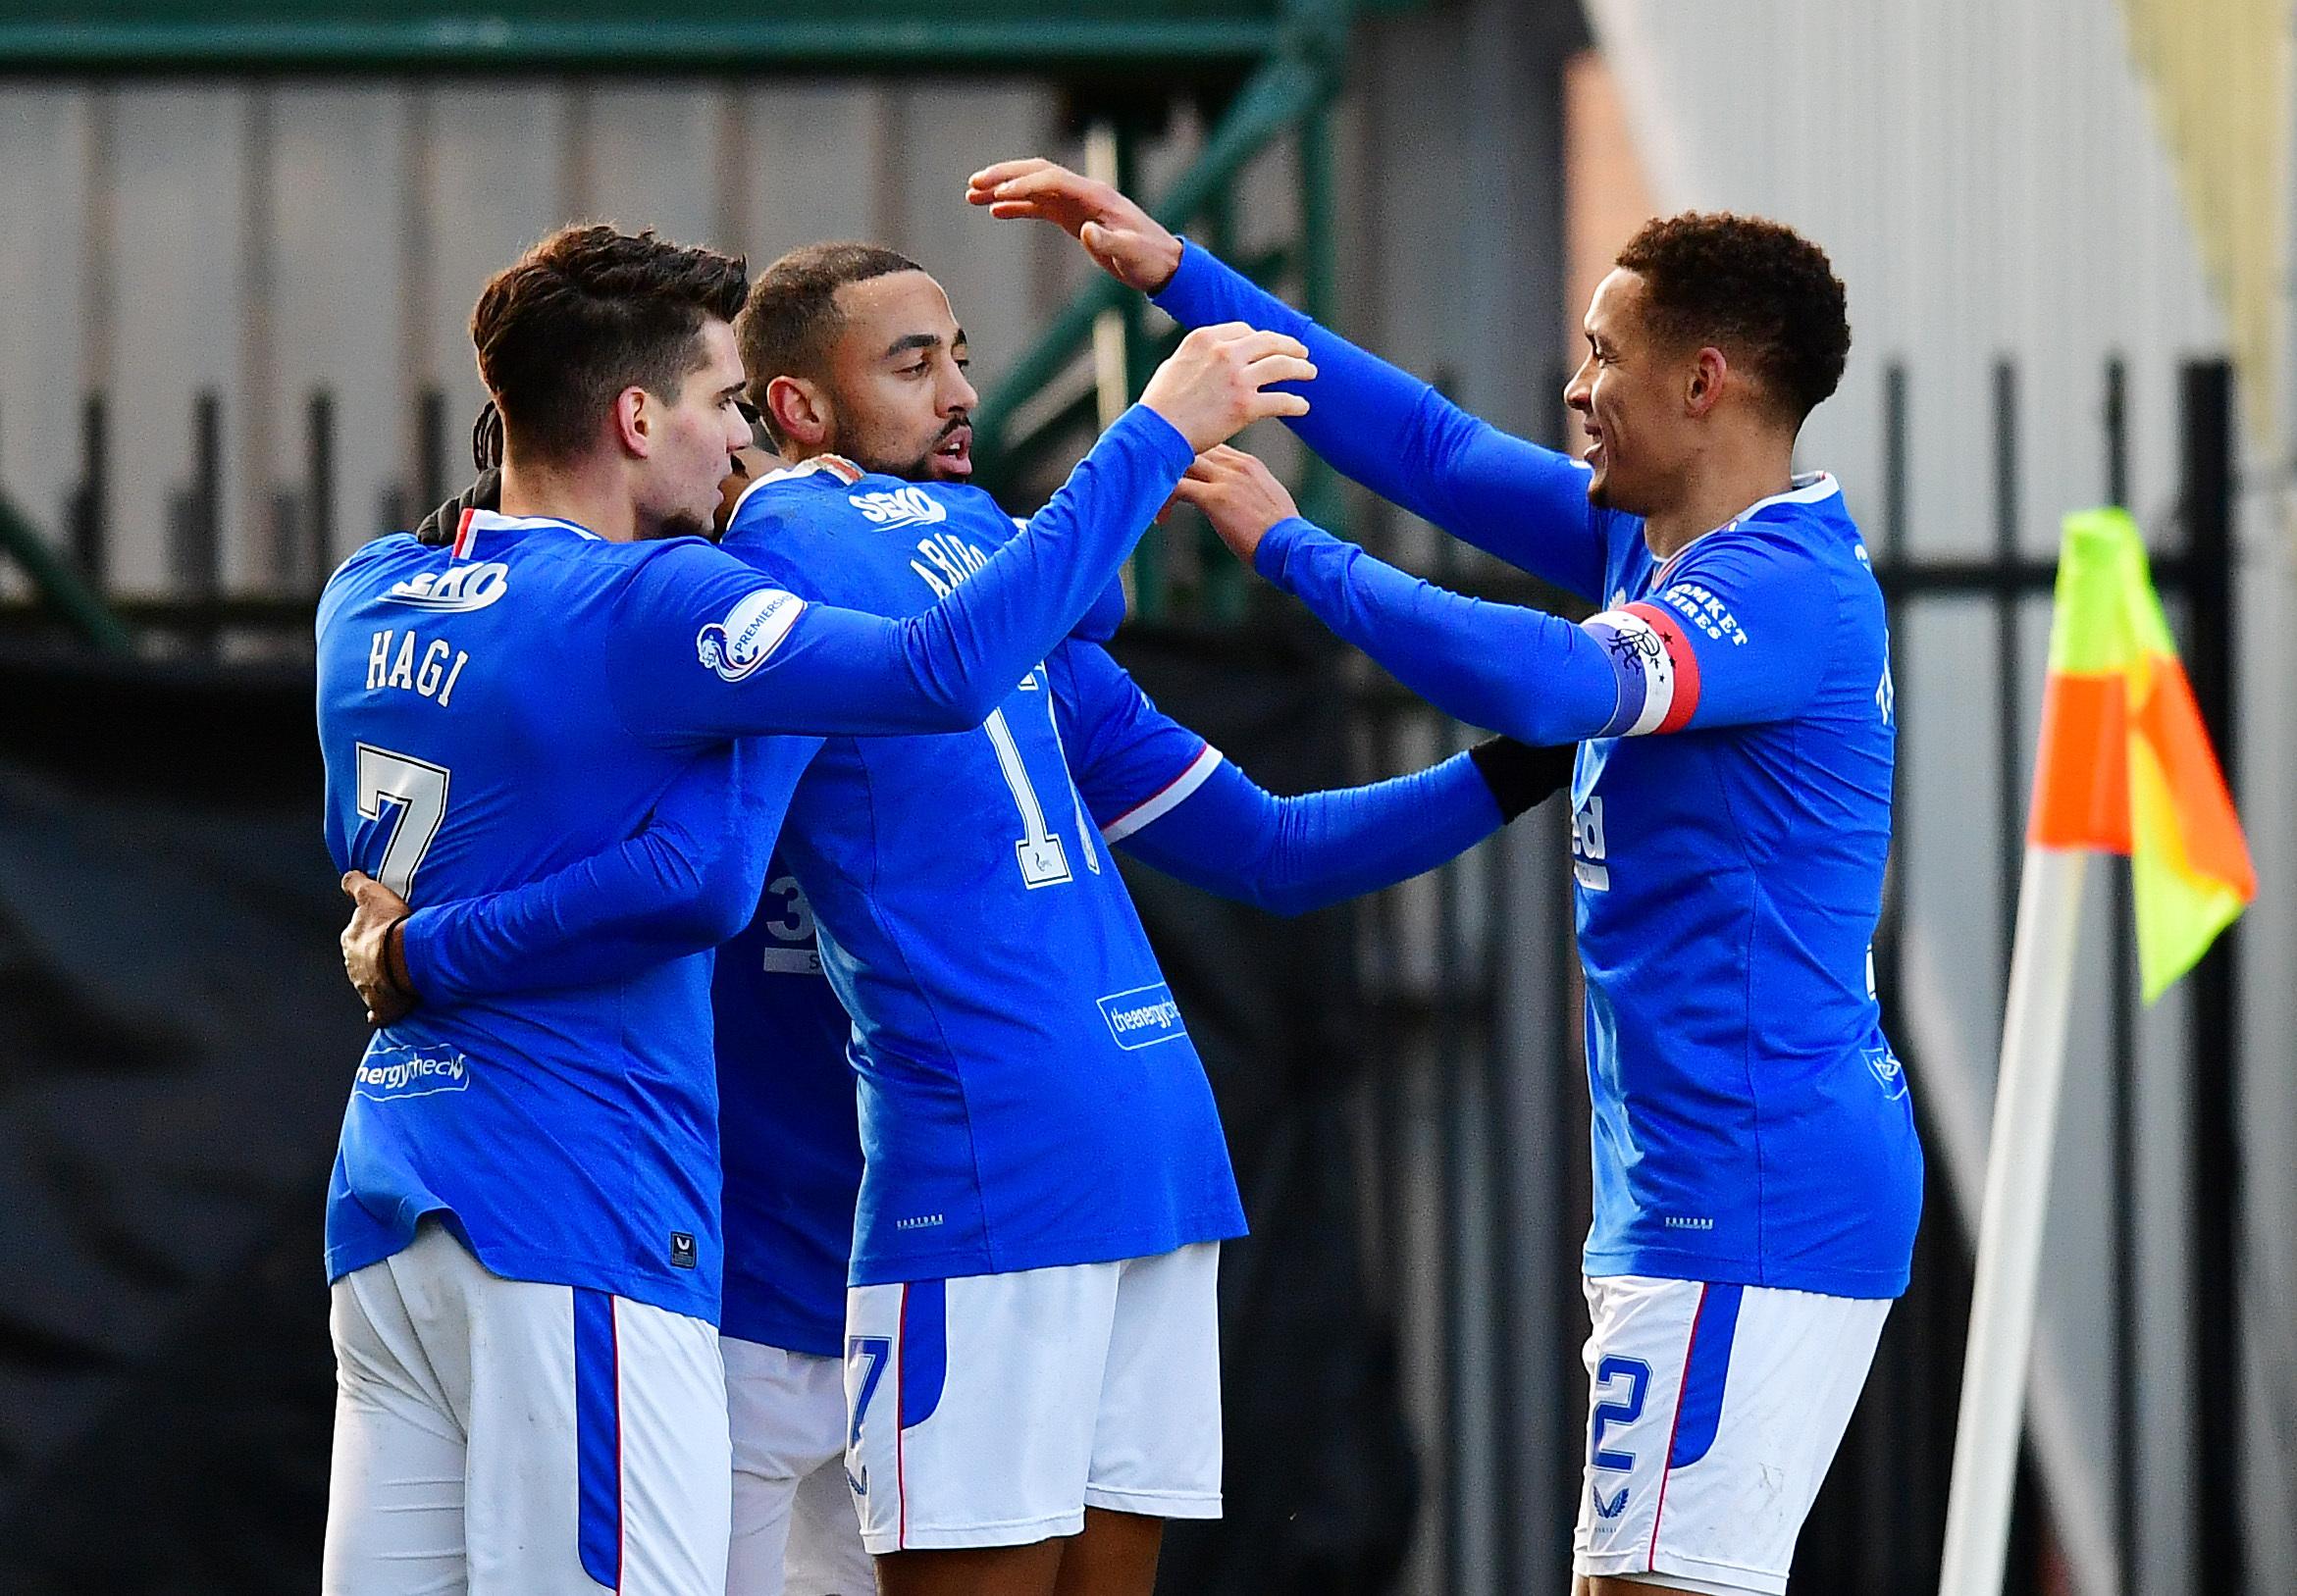 St Mirren 0-2 Rangers: Steven Gerrard's side make it 13 wins on the spin ahead of Old Firm showdown